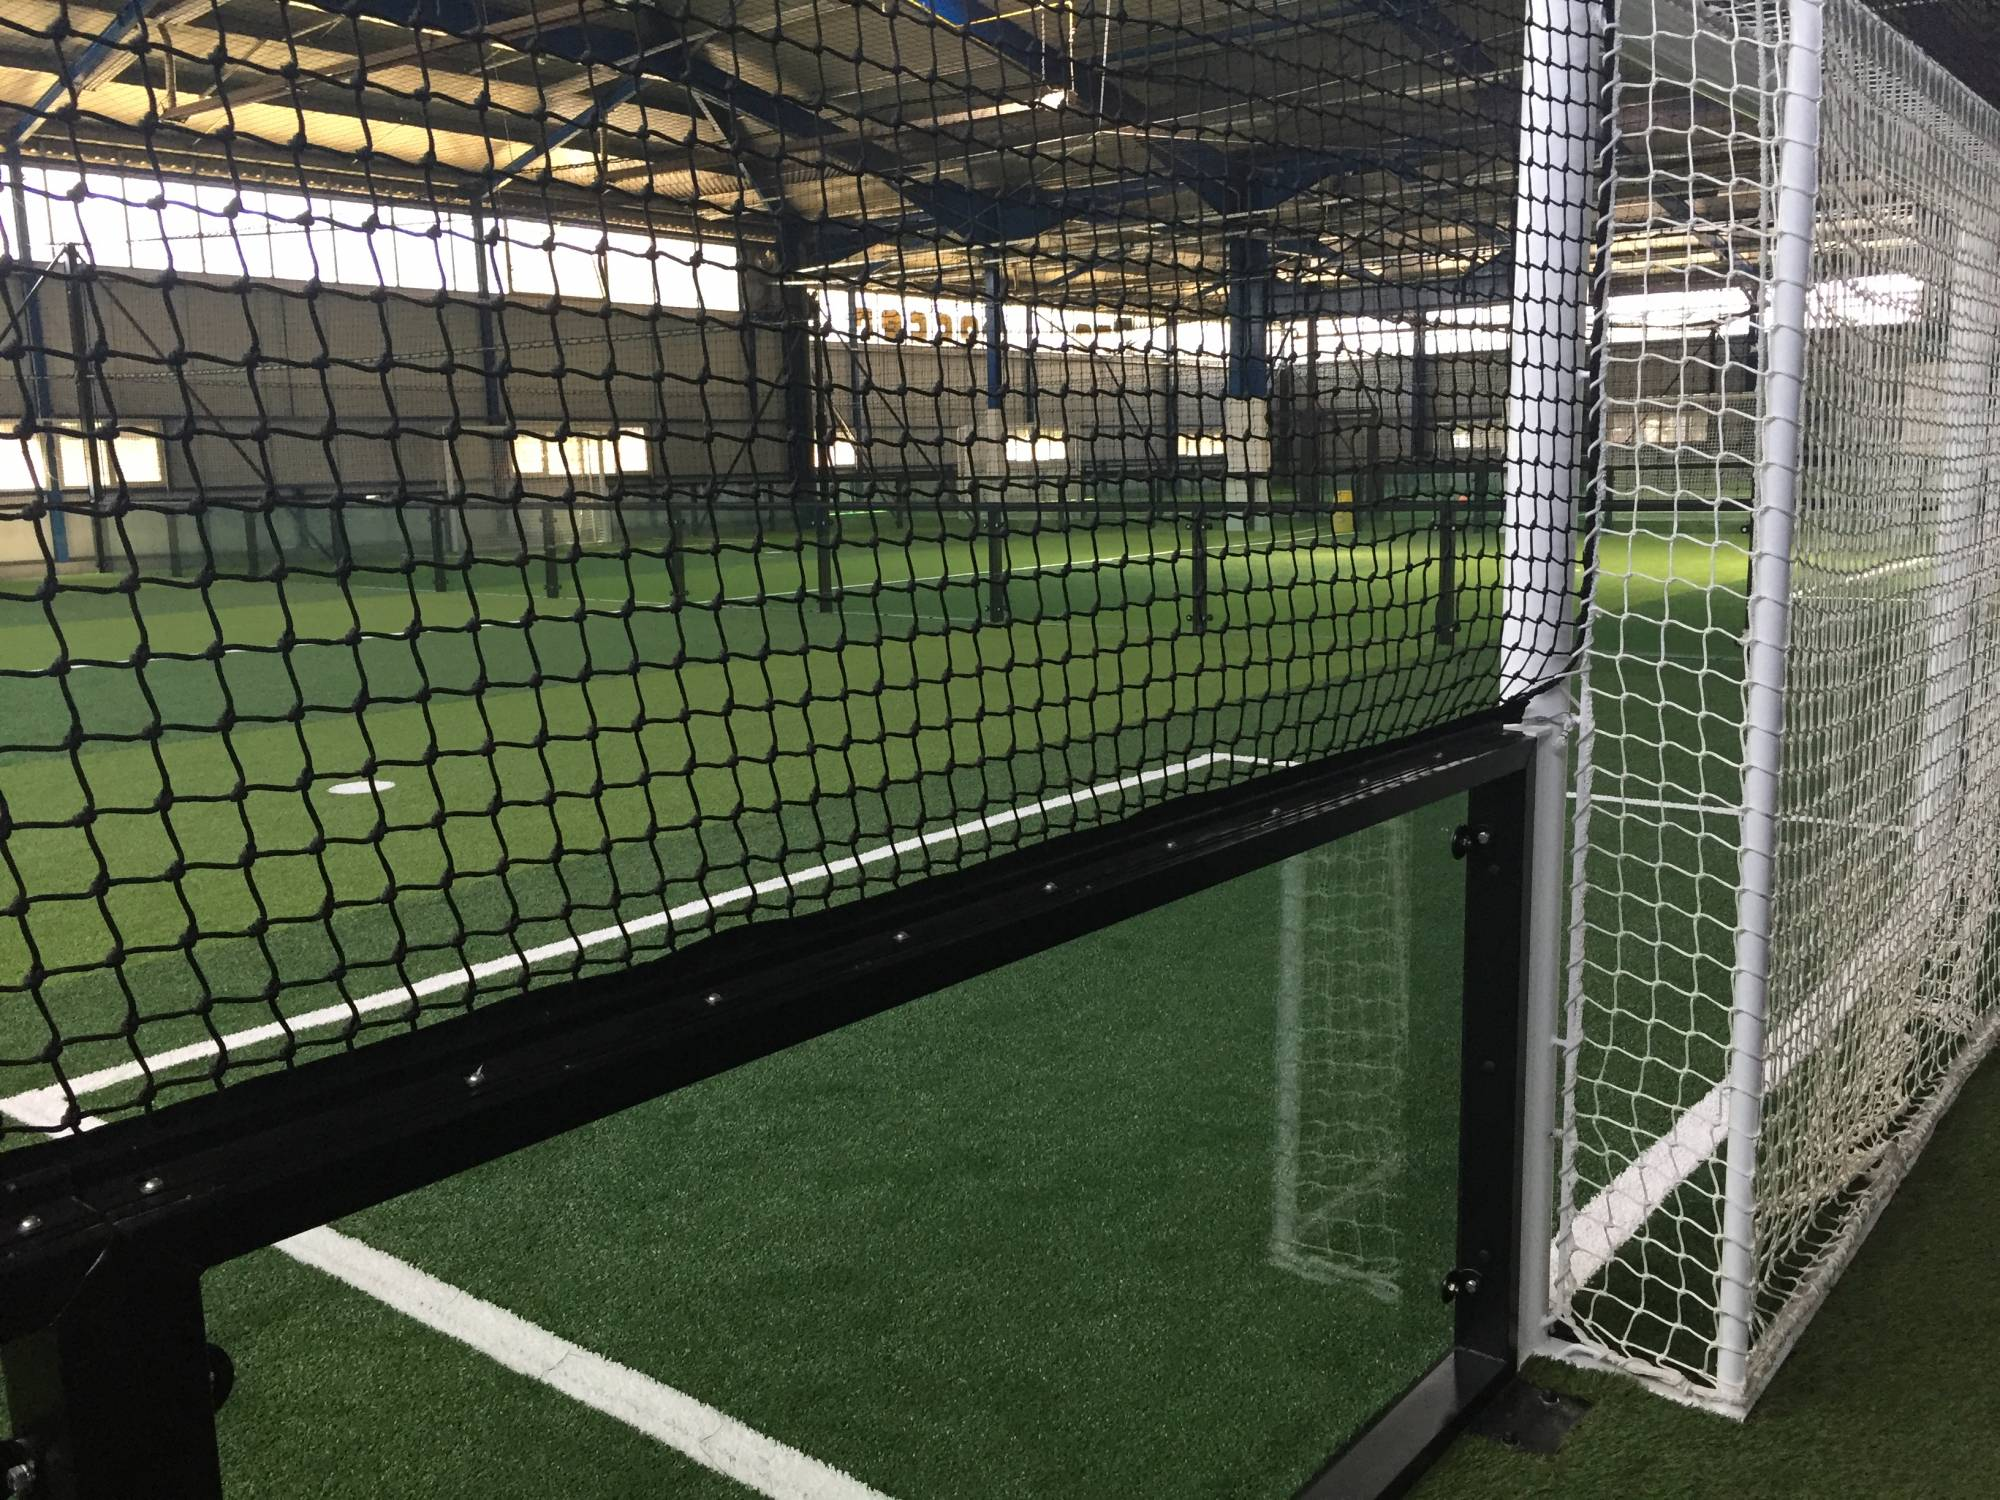 pose d'infrastructure pour foot indoor en panneau de verre trempé 12 mm